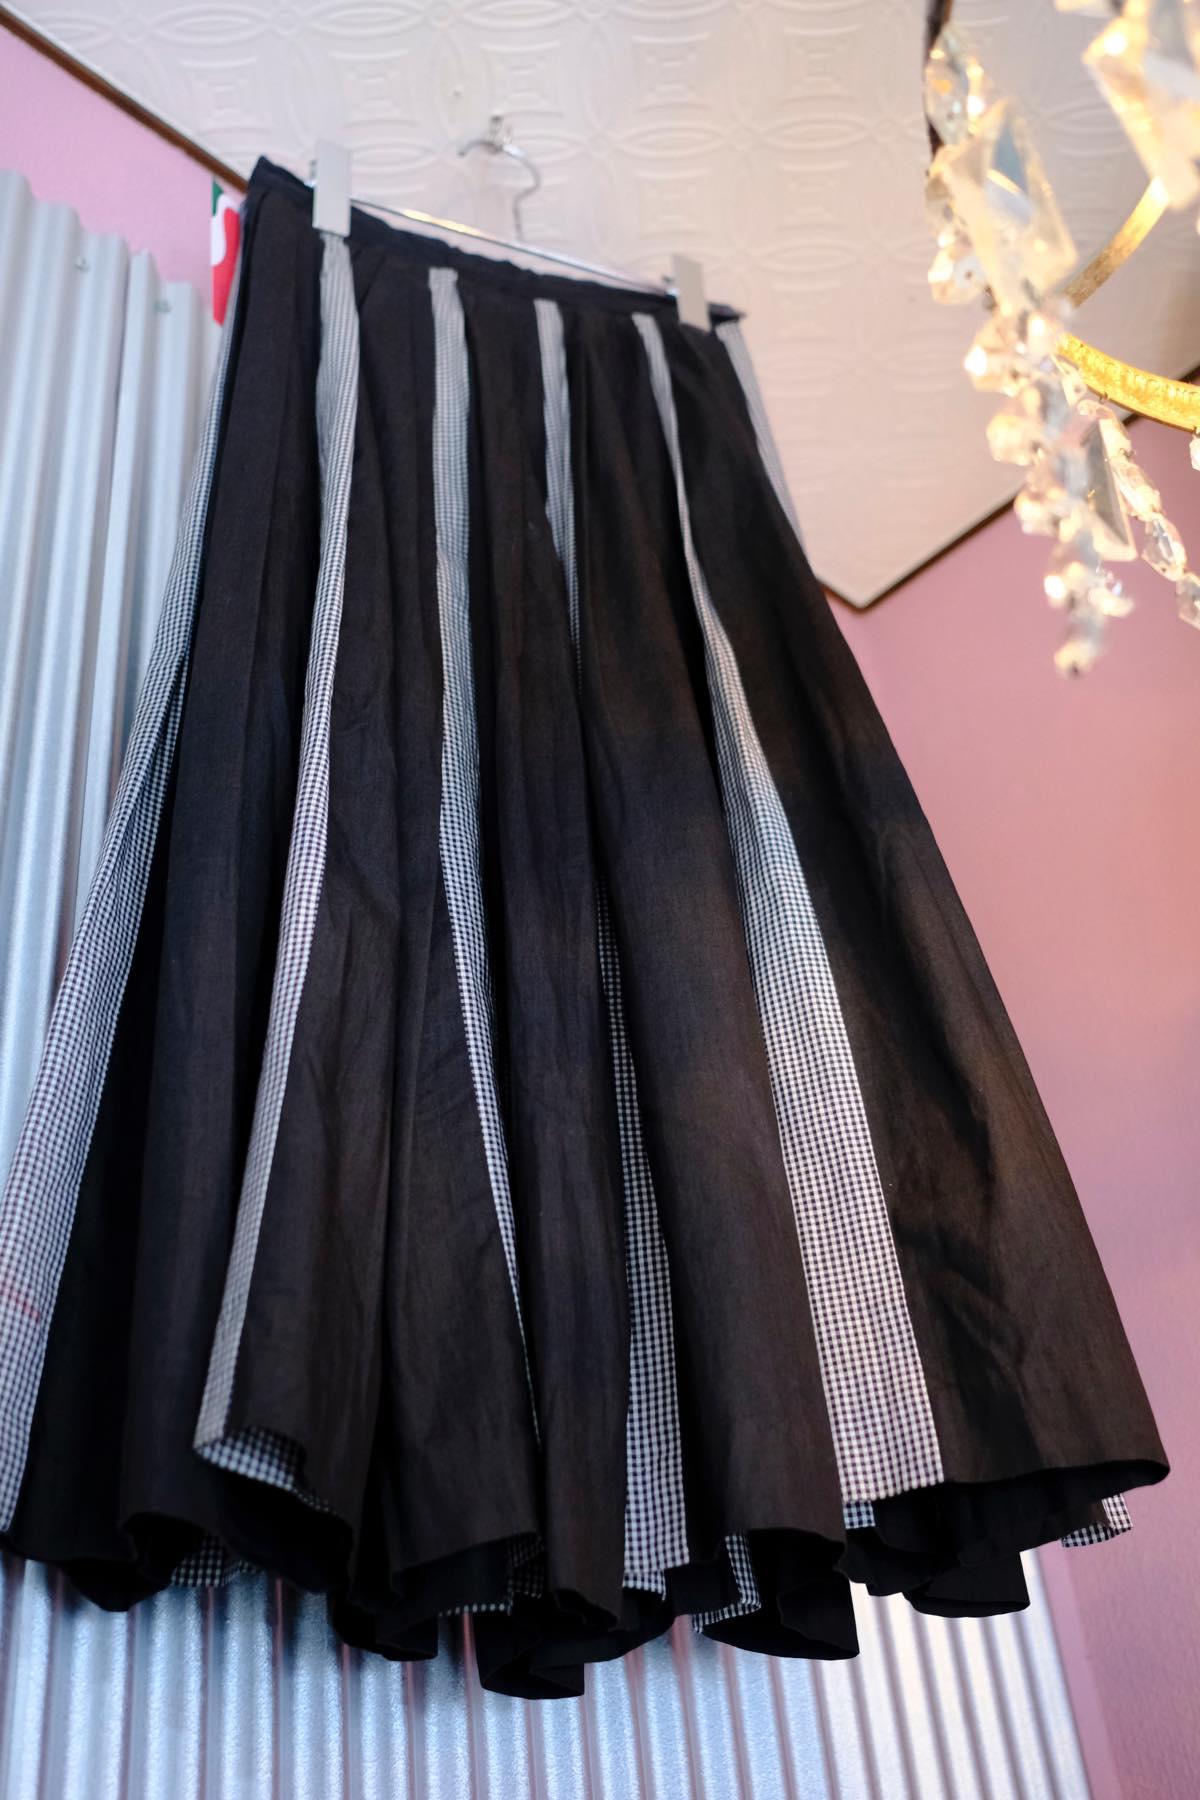 東京・三宿の古着屋「ROSE(ローズ)」。日常に香る大人のためのロマンティック。三軒茶屋、池尻大橋